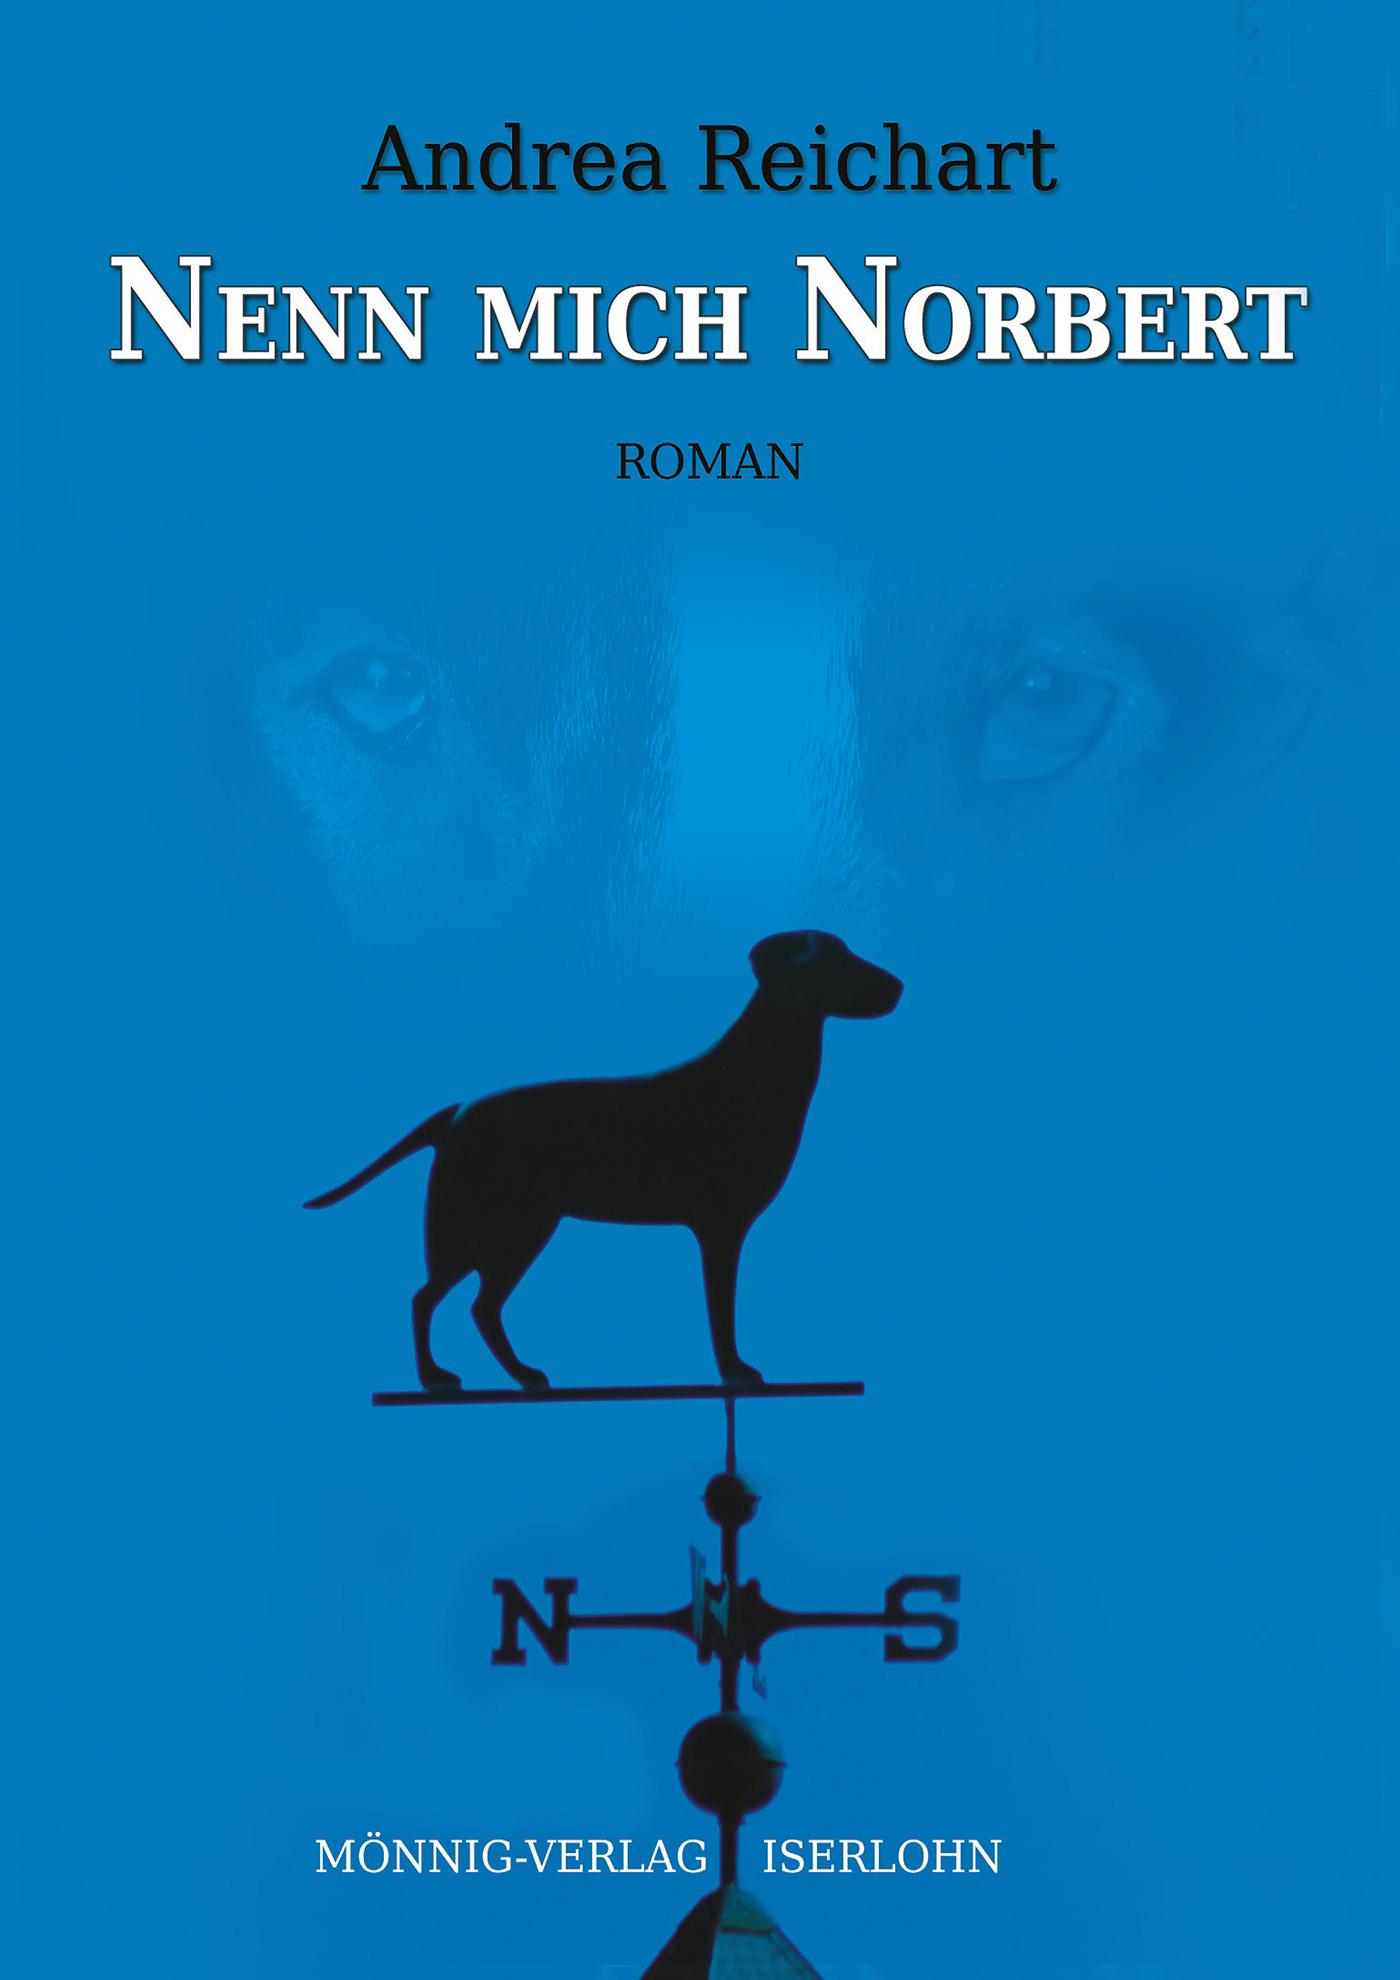 Nenn mich Norbert